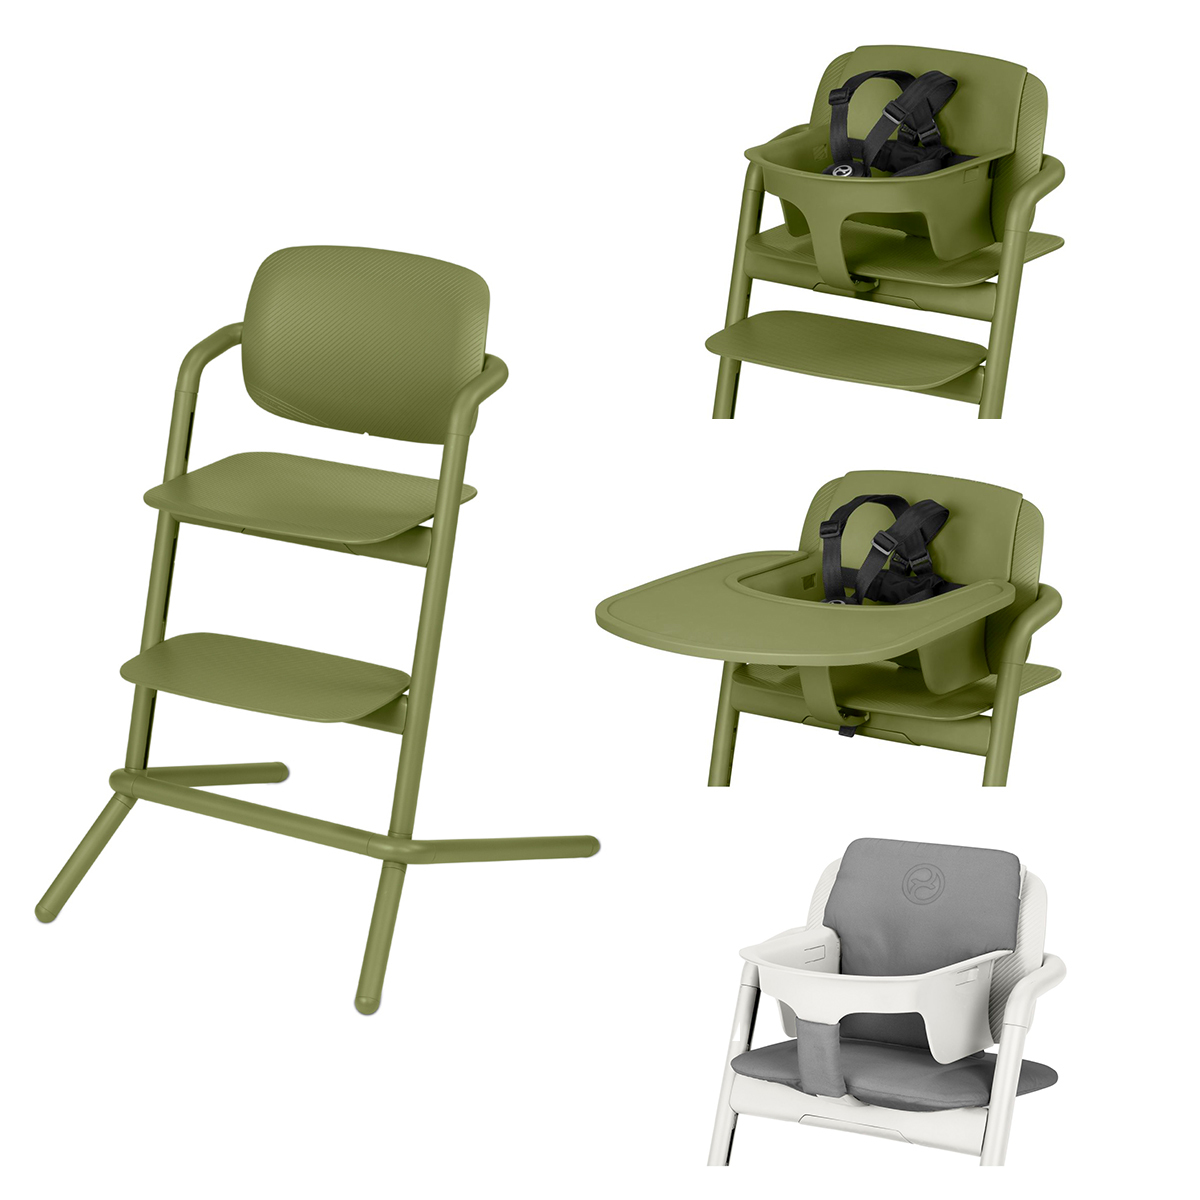 Chaise haute Chaise Haute Lemo Complète - Outback Green Chaise Haute Lemo + Plateau pour Chaise Haute Lemo + Baby Set Lemo + Coussin Réducteur Lemo - Outback Green